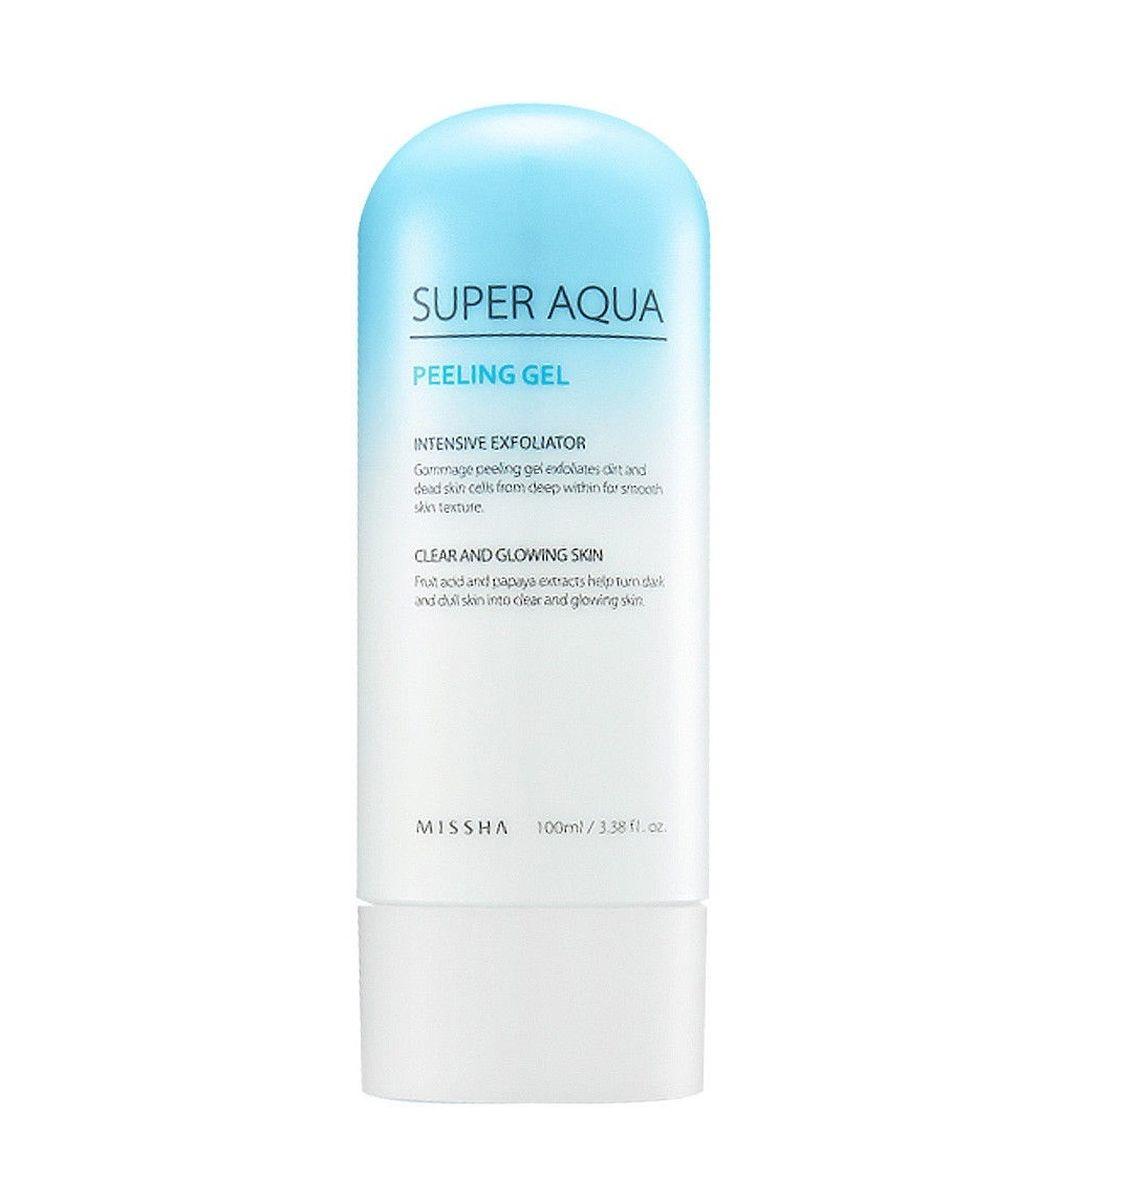 Очищающий пилинг-гель для лица Missha Super Aqua Peeling Gel - 100 мл